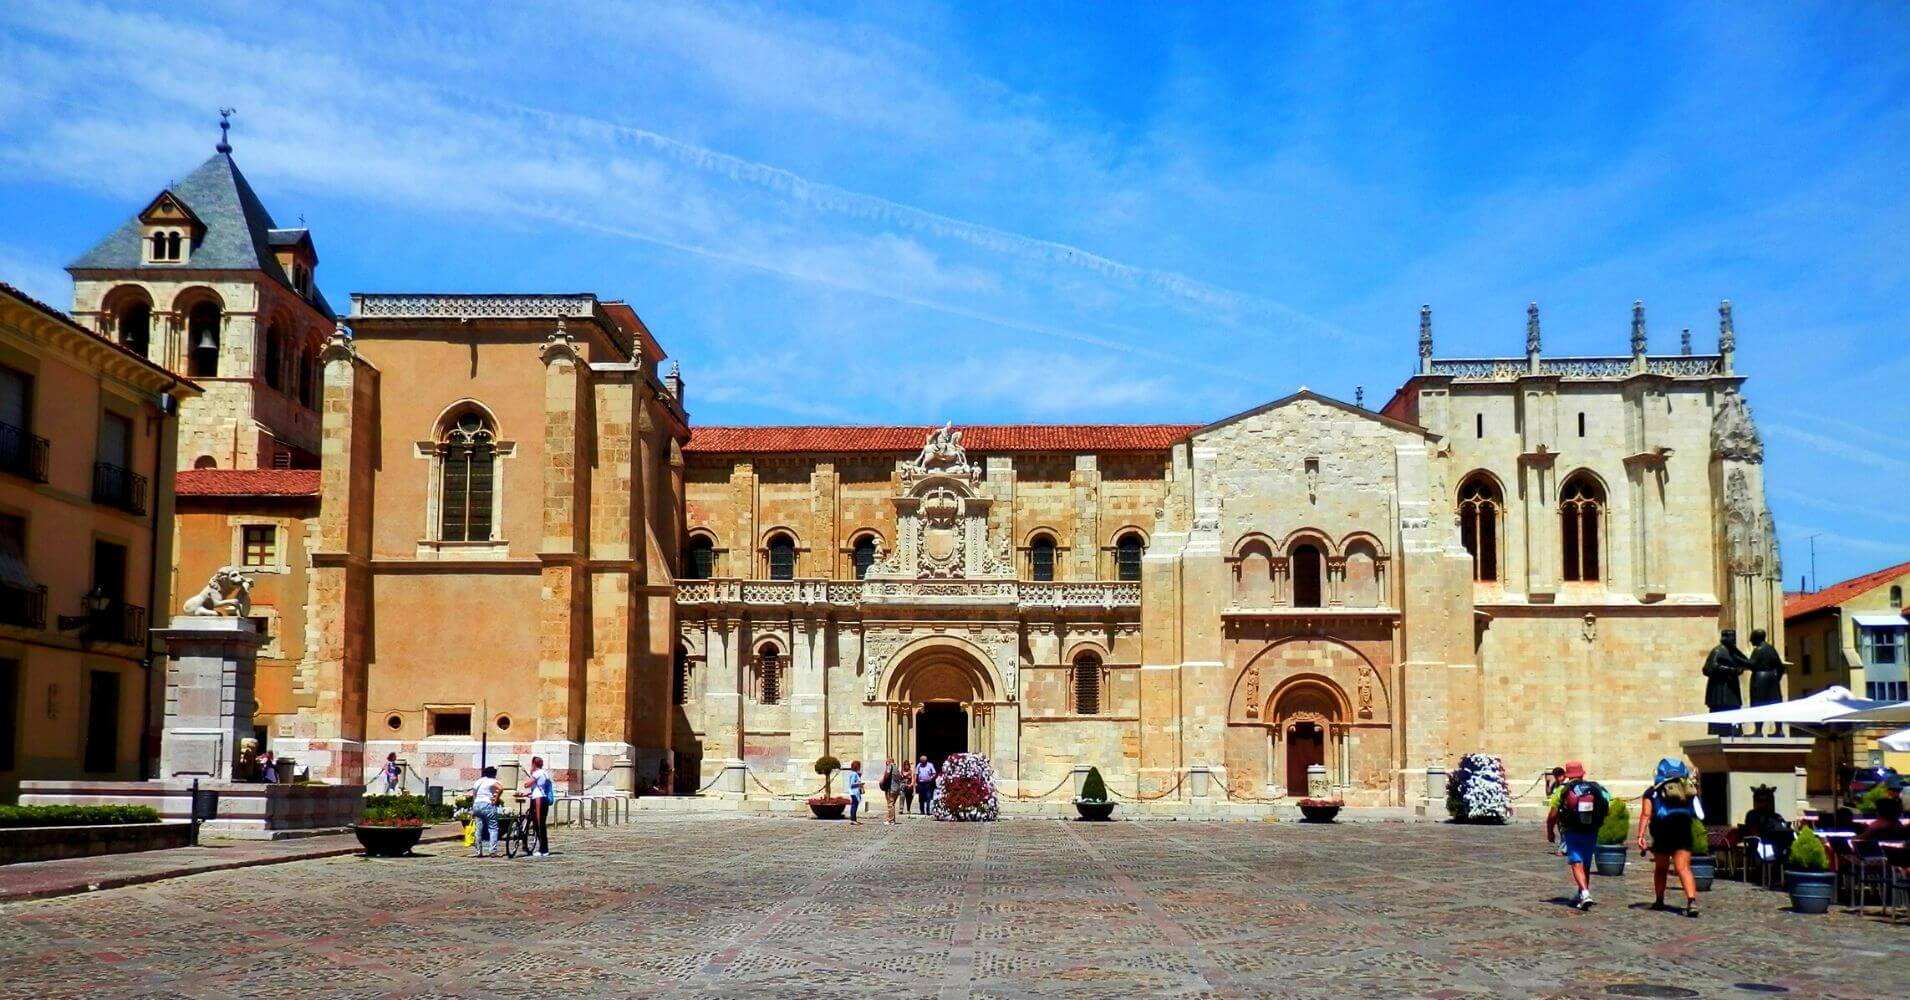 Basílica de San Isidoro. Expreso de la Robla. León, Castilla y León.